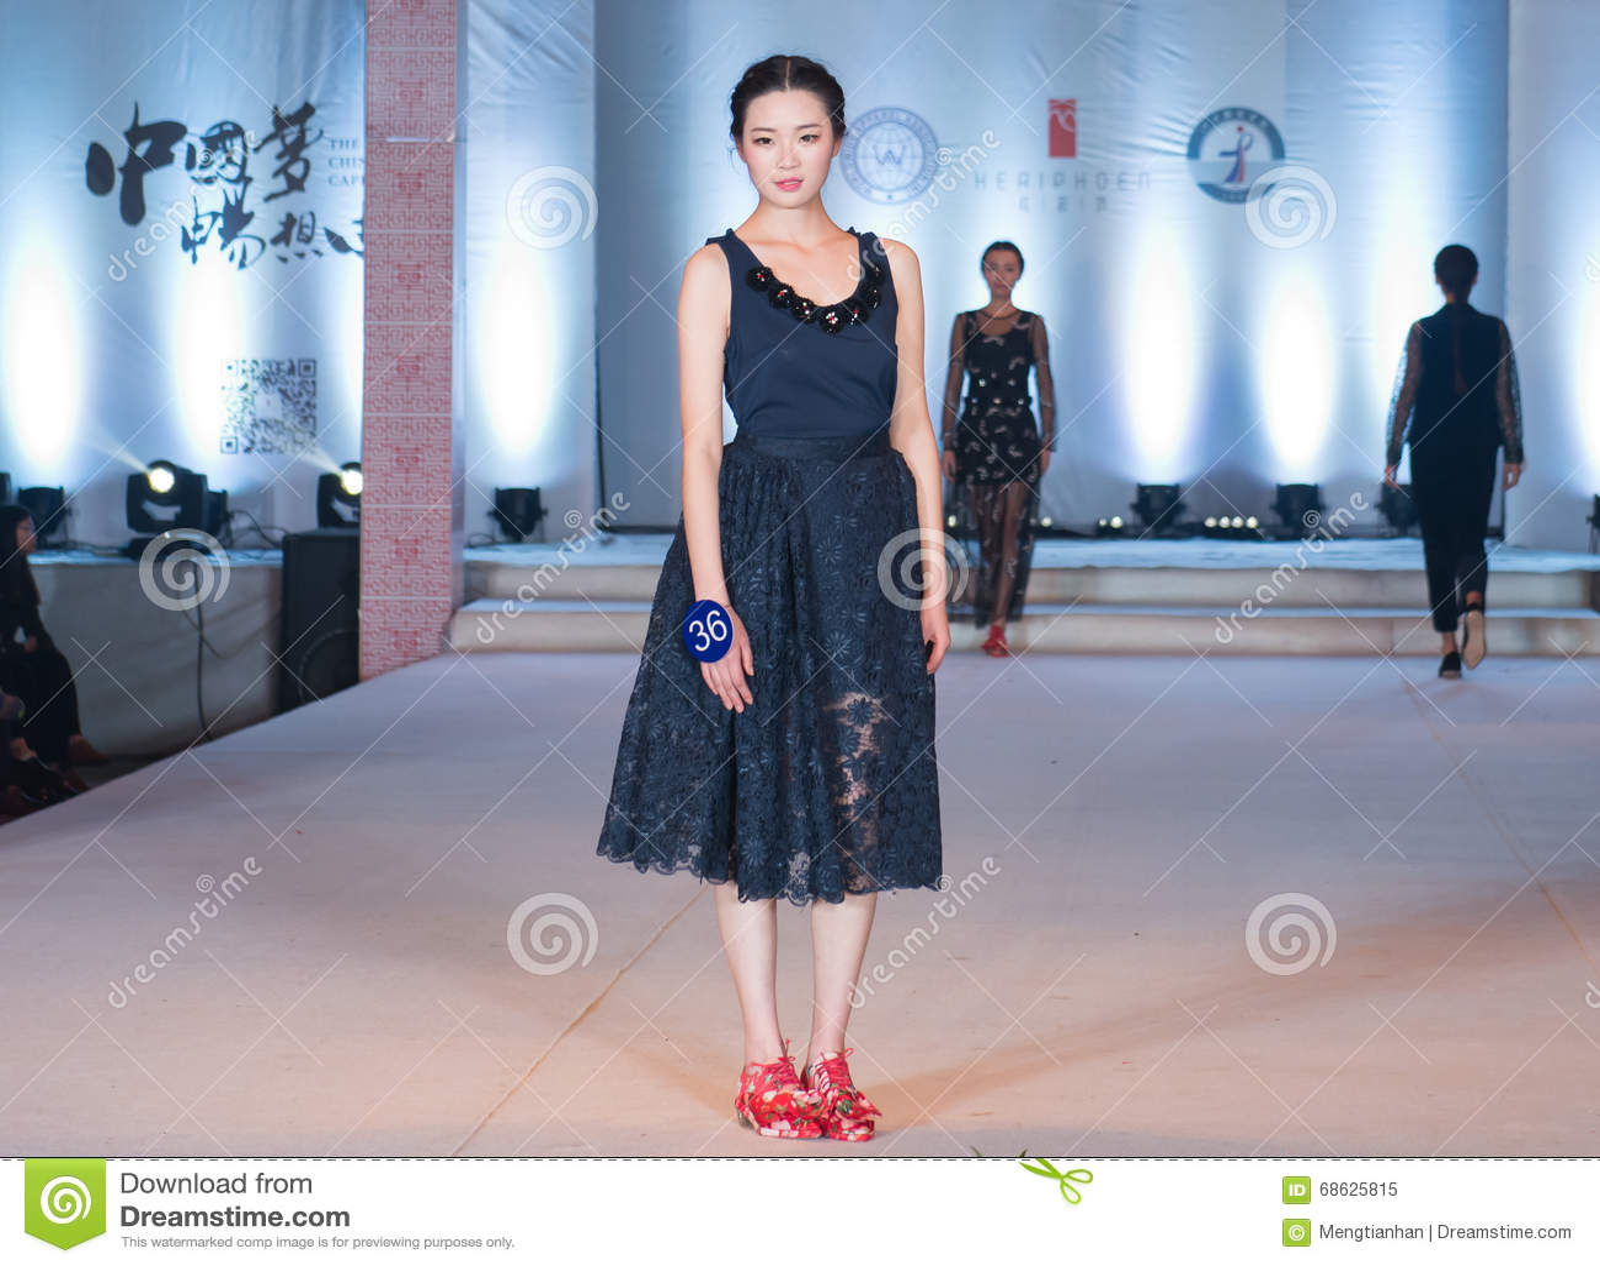 Fourth Series Clean Environment Fashion Show Editorial